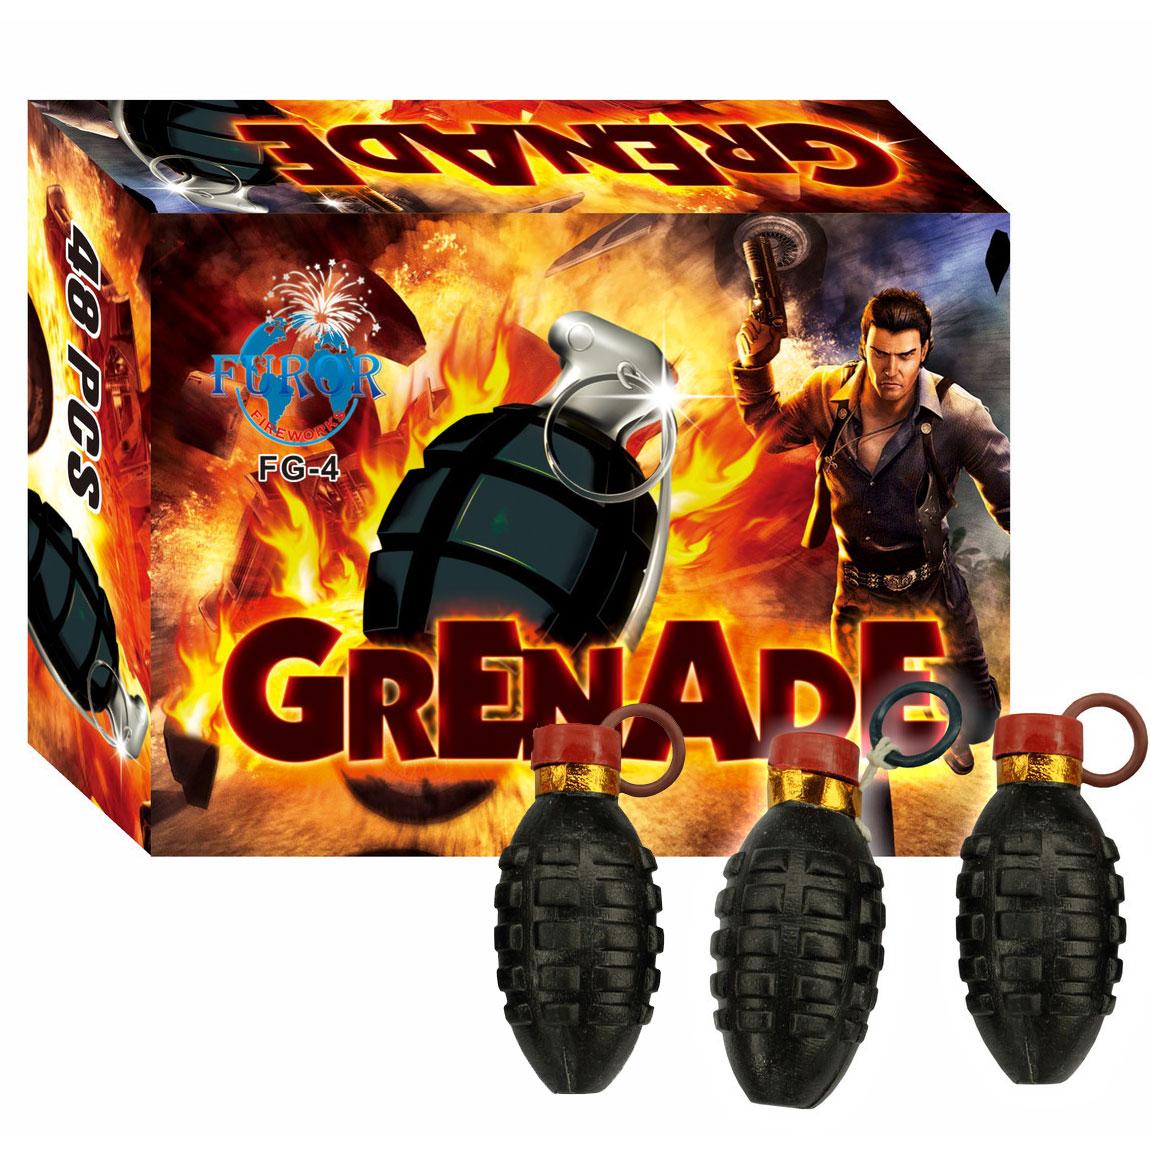 Упаковка петард FG-4 Граната Grenade (ЦІНА за упаковку із  шт)